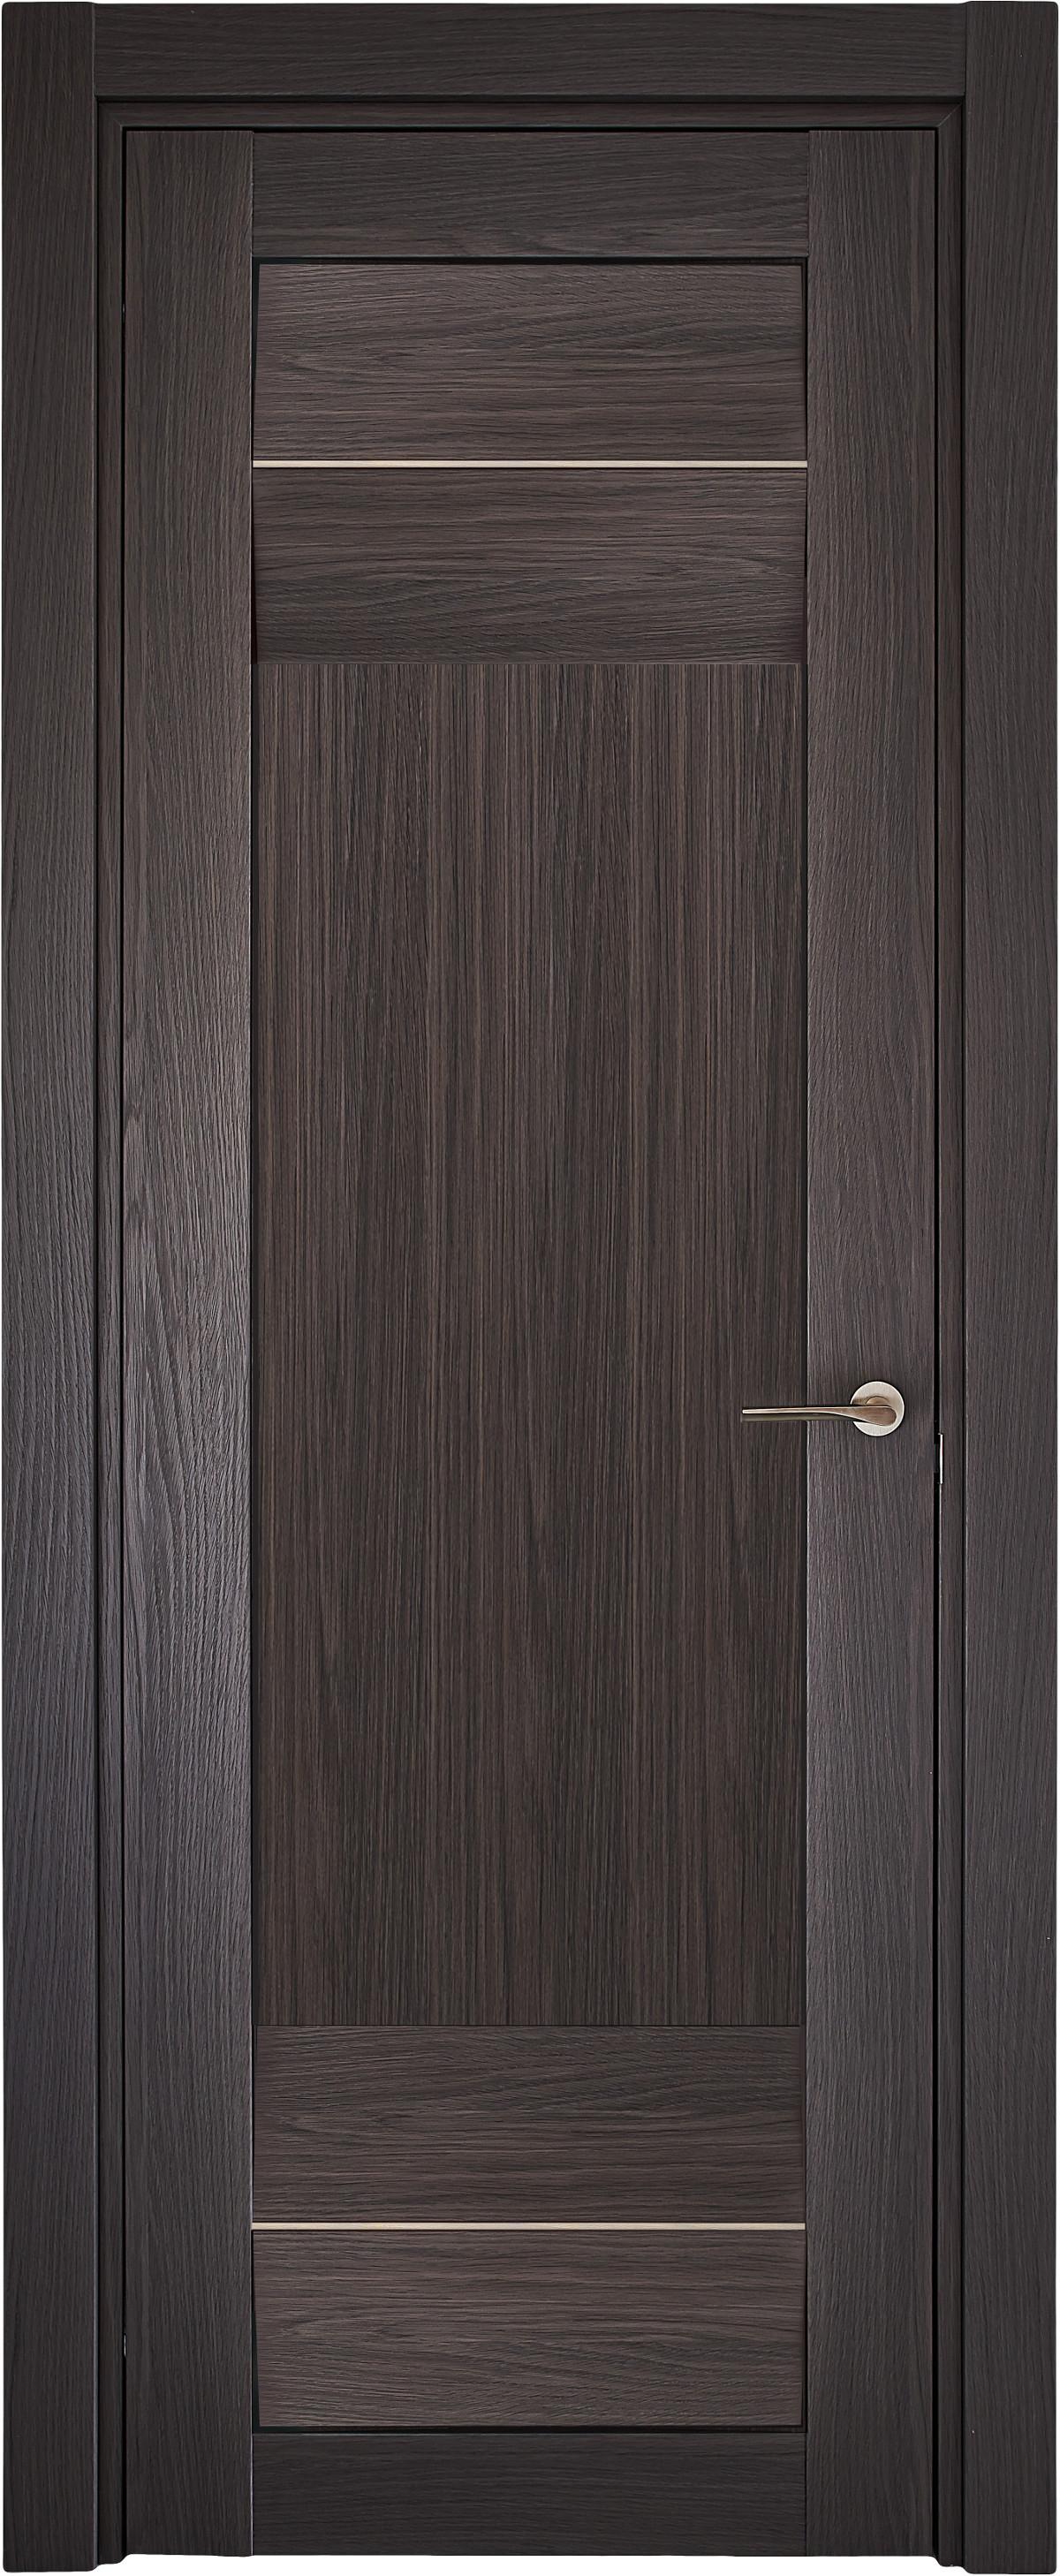 Межкомнатная / входная дверь, отделка: структурированный экошпон ДУБ АНТРАЦИТ, Onda Largo 4K1B Alu